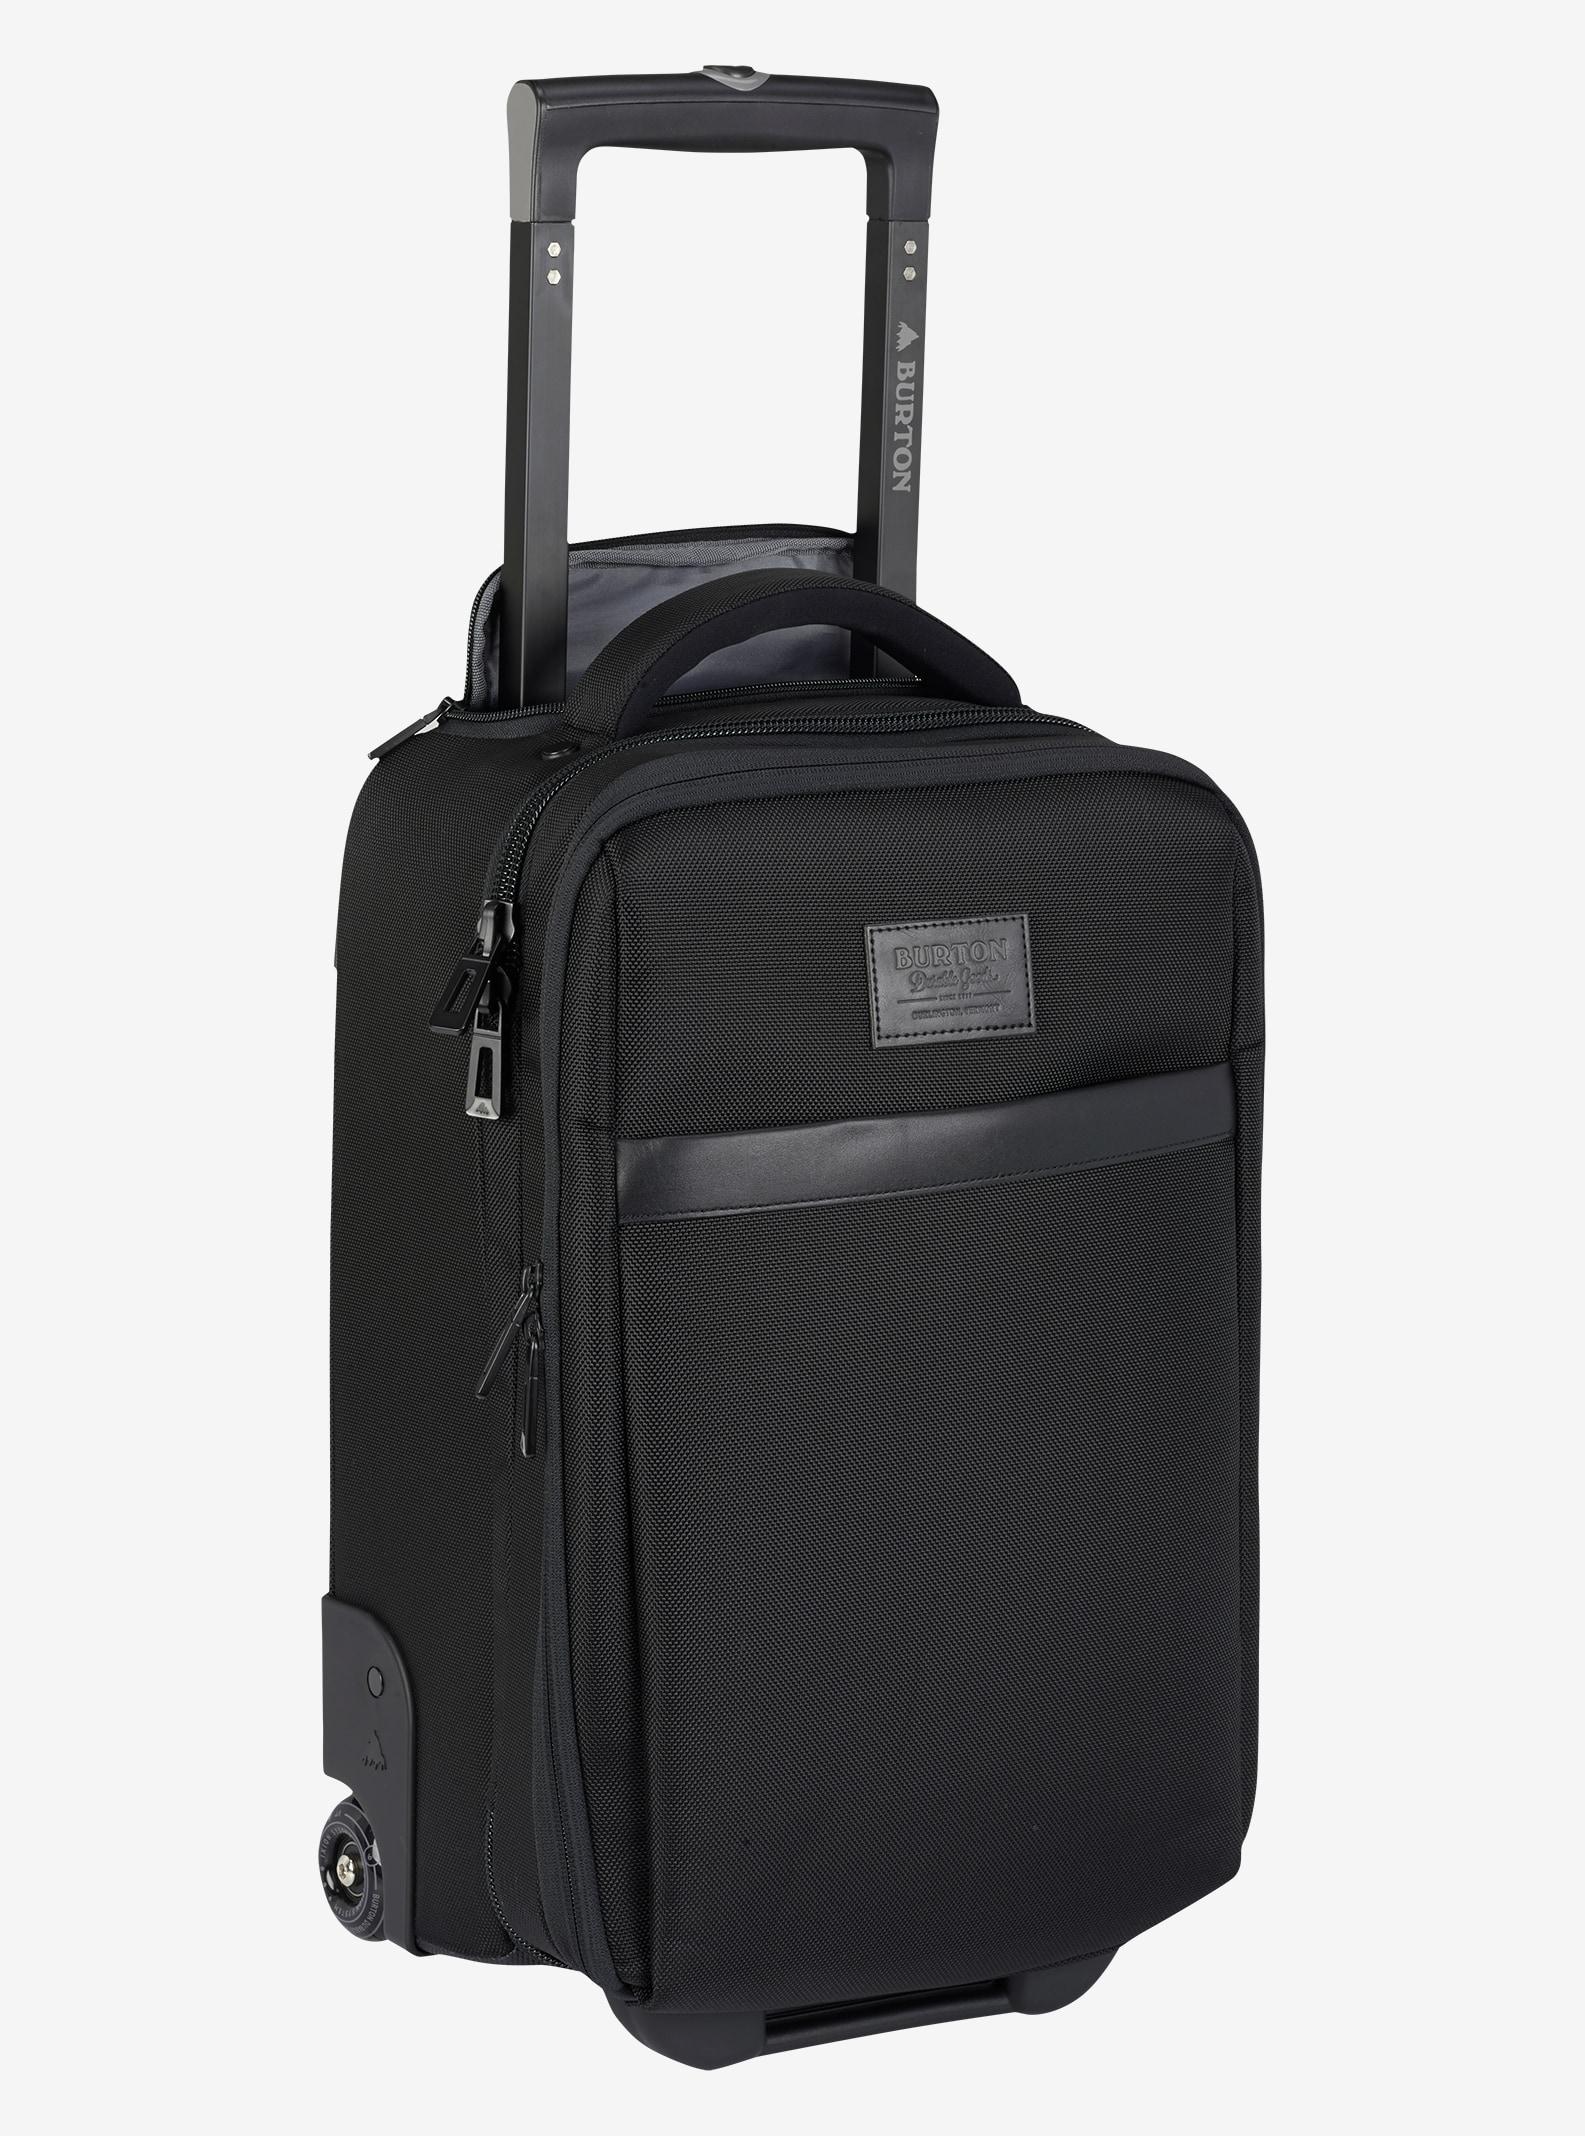 Burton Wheelie Flyer Travel Bag shown in True Black Ballistic